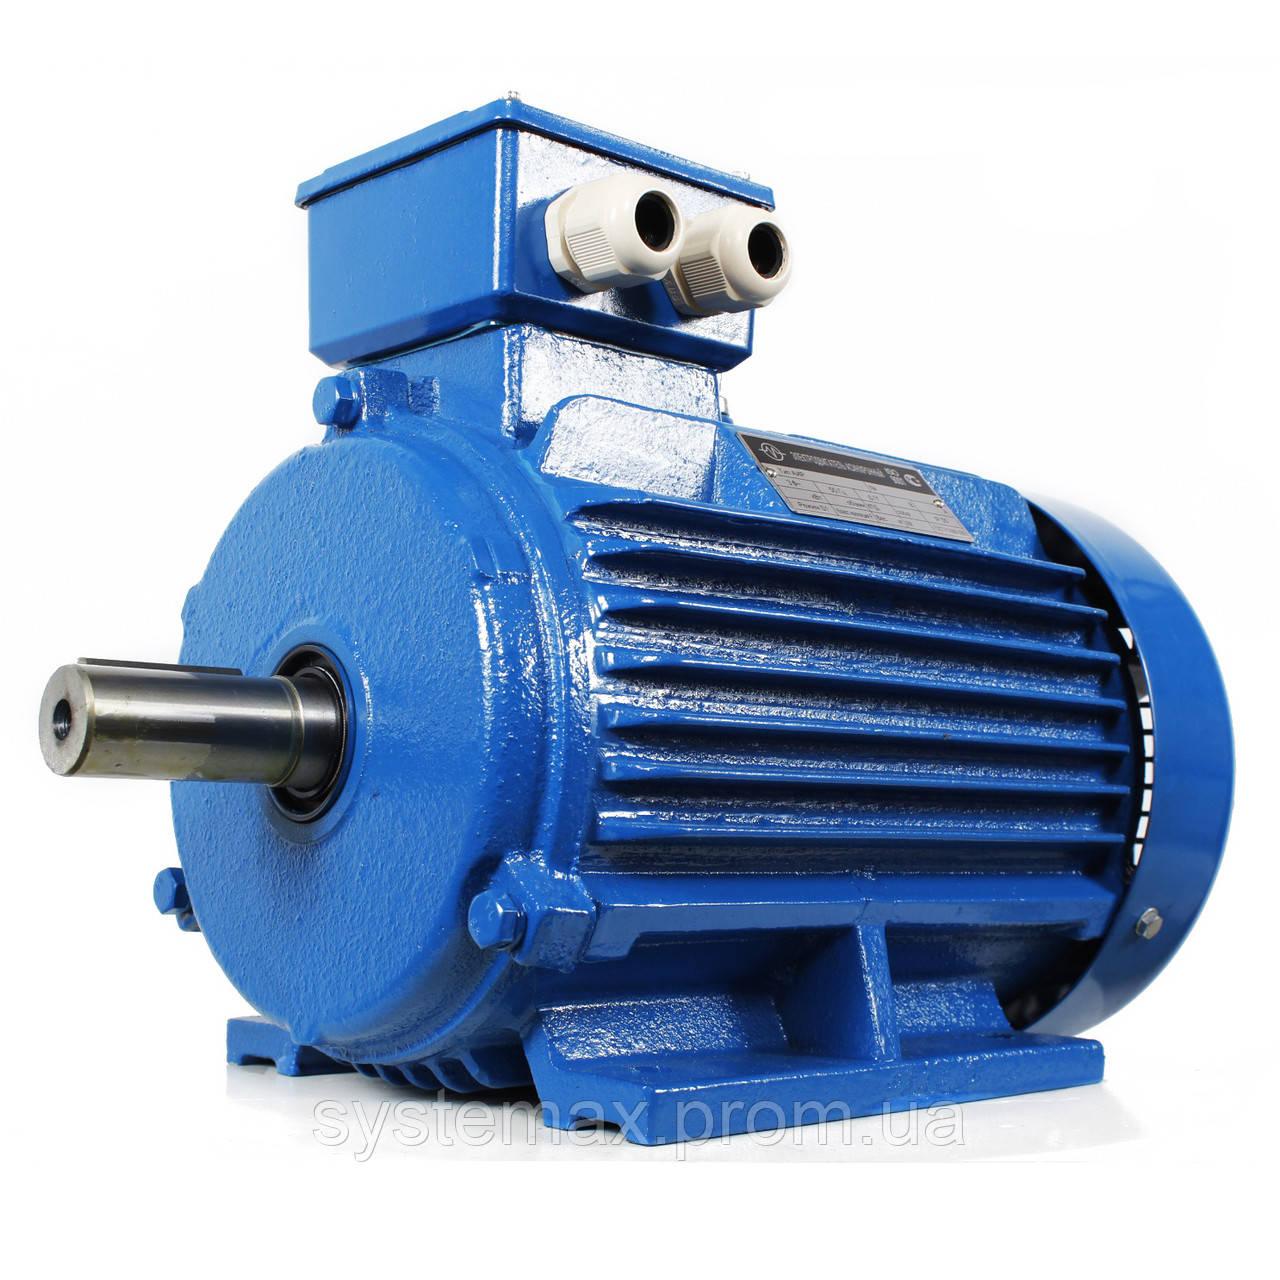 Электродвигатель АИР200М8 (АИР 200 М8) 18,5 кВт 750 об/мин